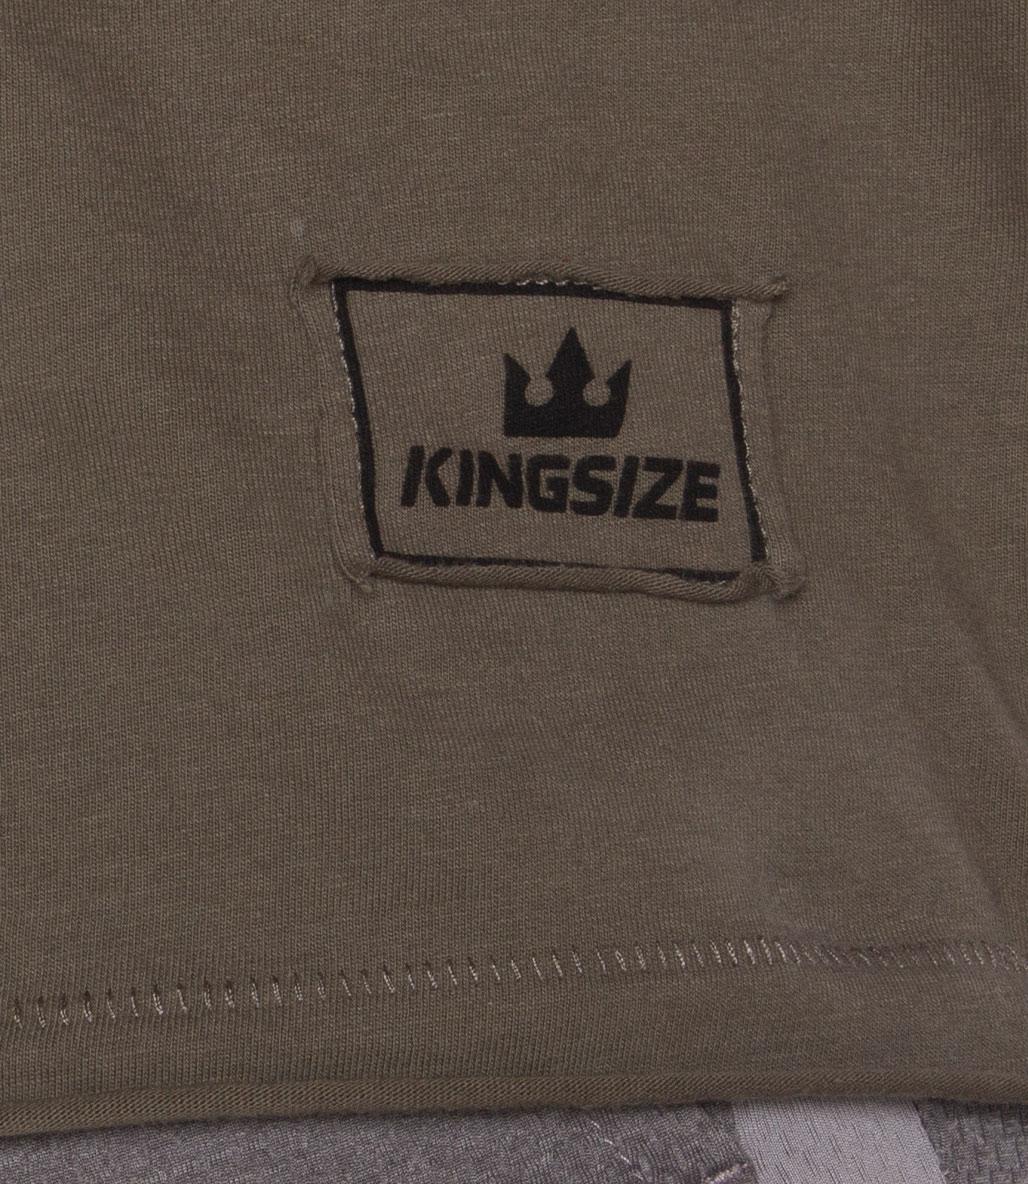 Kingsize Follow The King Antrenman Atleti Arka Baskılı Haki